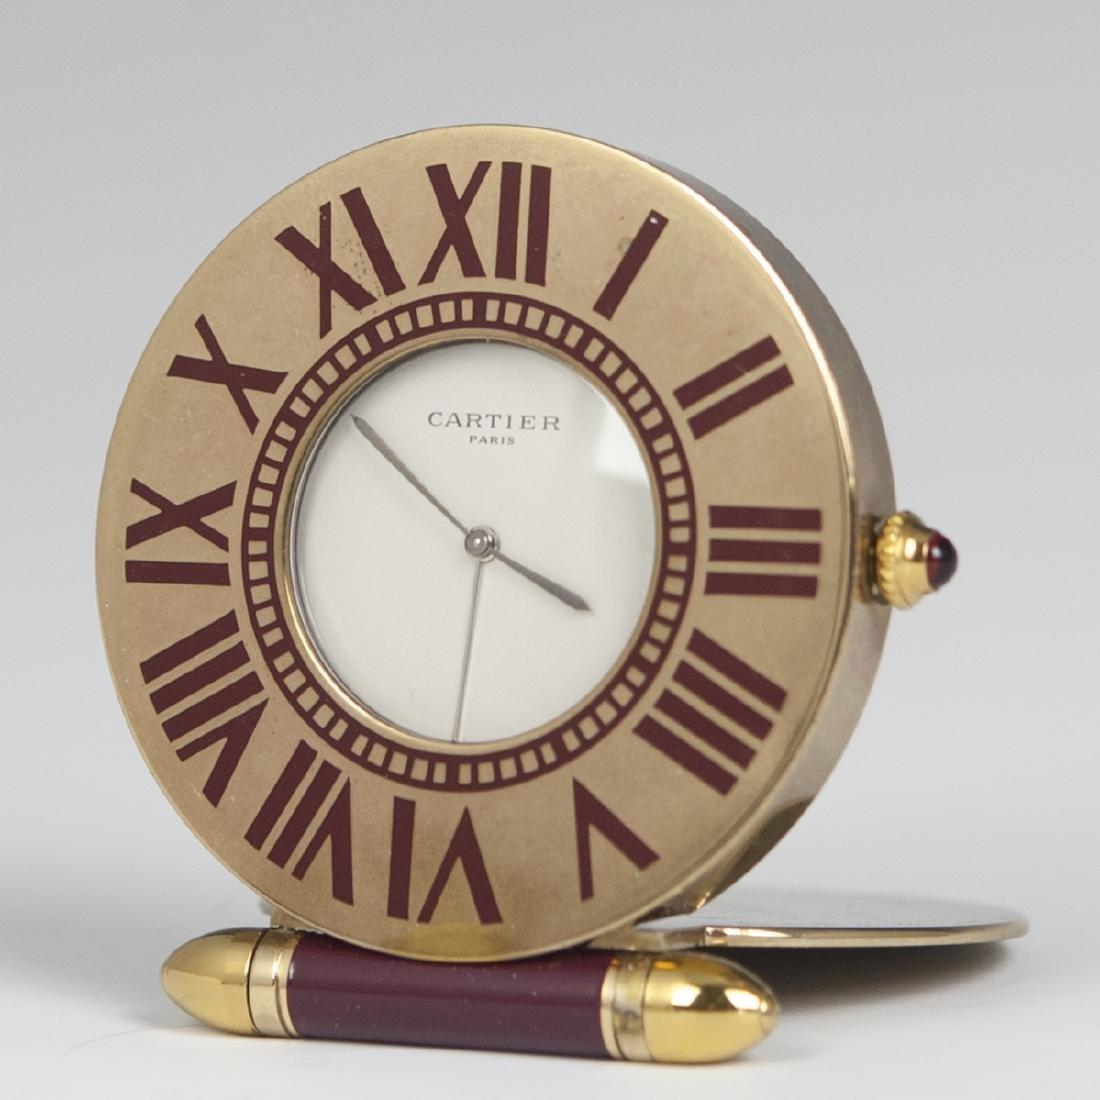 Vintage Cartier Enamel Travel Clock